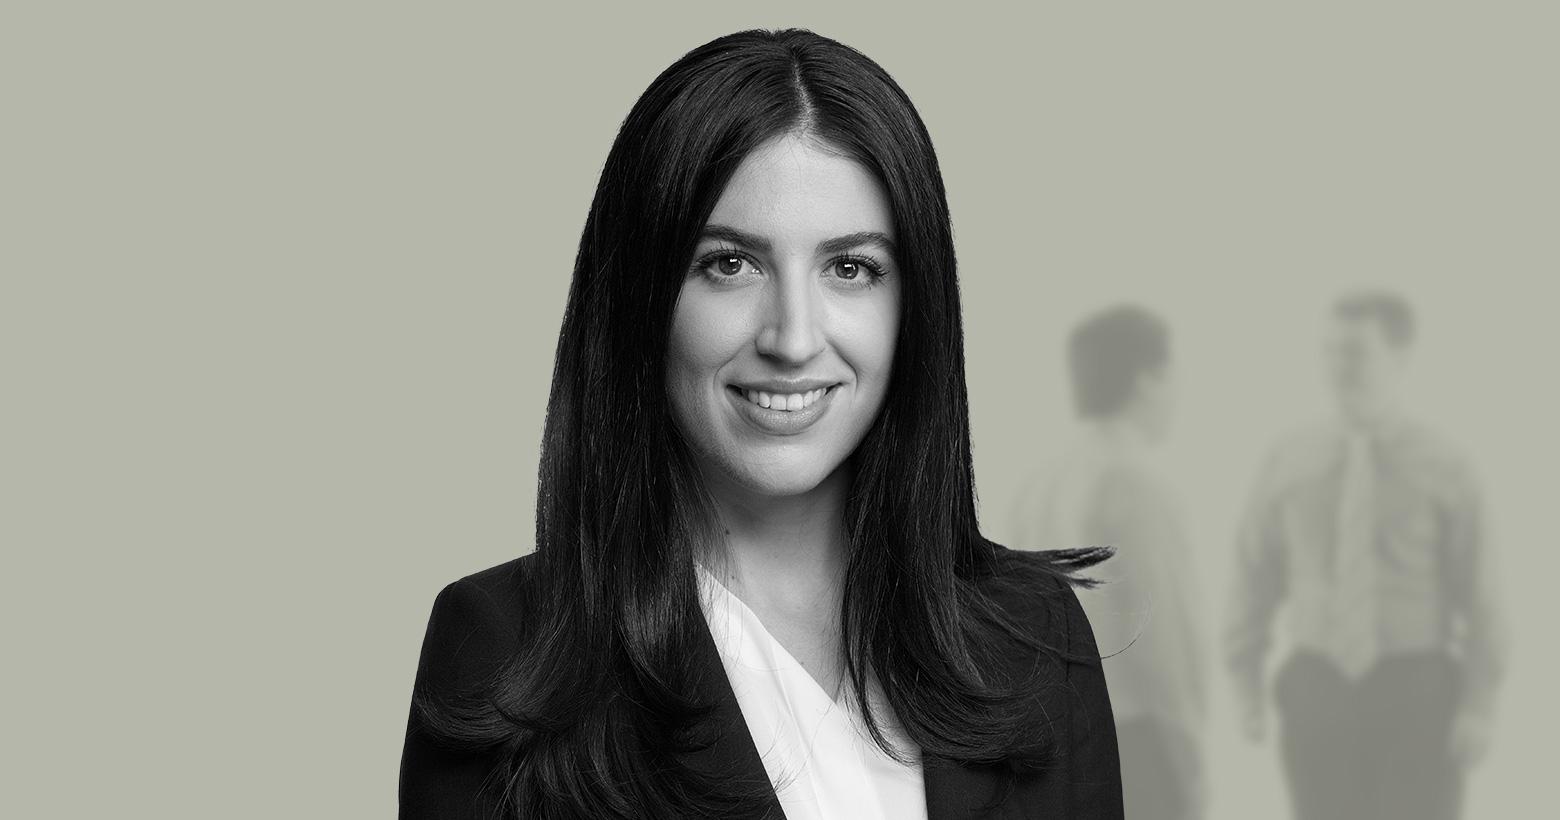 Kira Shannahan